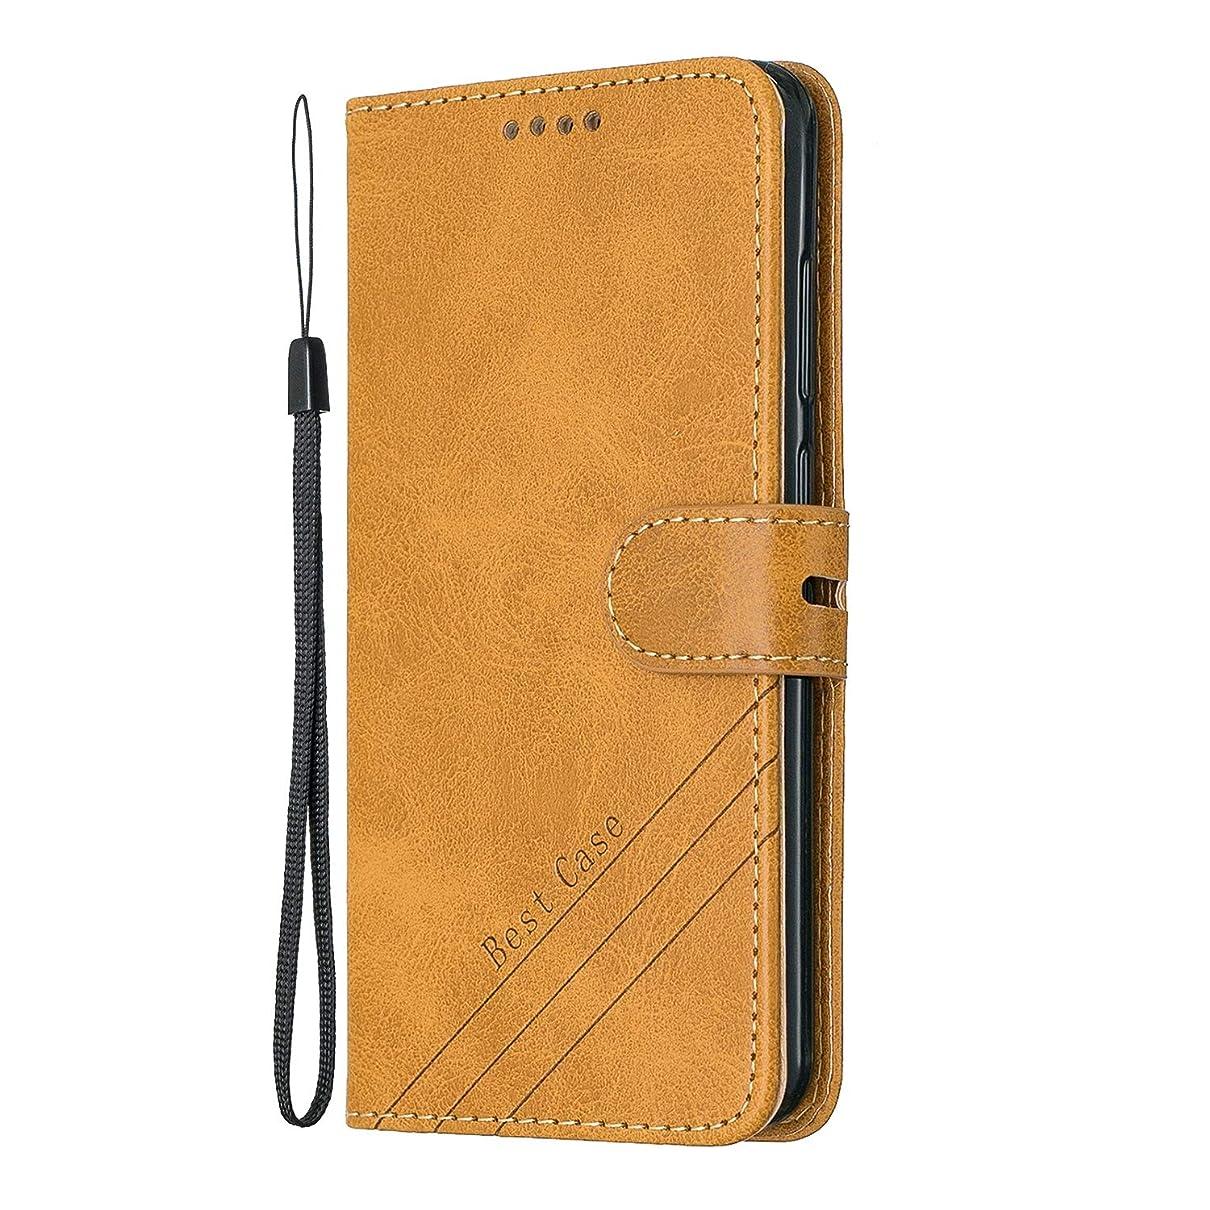 爬虫類口実宿るLomogo Huawei P10 Lite ケース 手帳型 耐衝撃 レザーケース 財布型 カードポケット スタンド機能 マグネット式 ファーウェイP10Lite 手帳型ケース カバー 人気 - LOHEX120330 黄